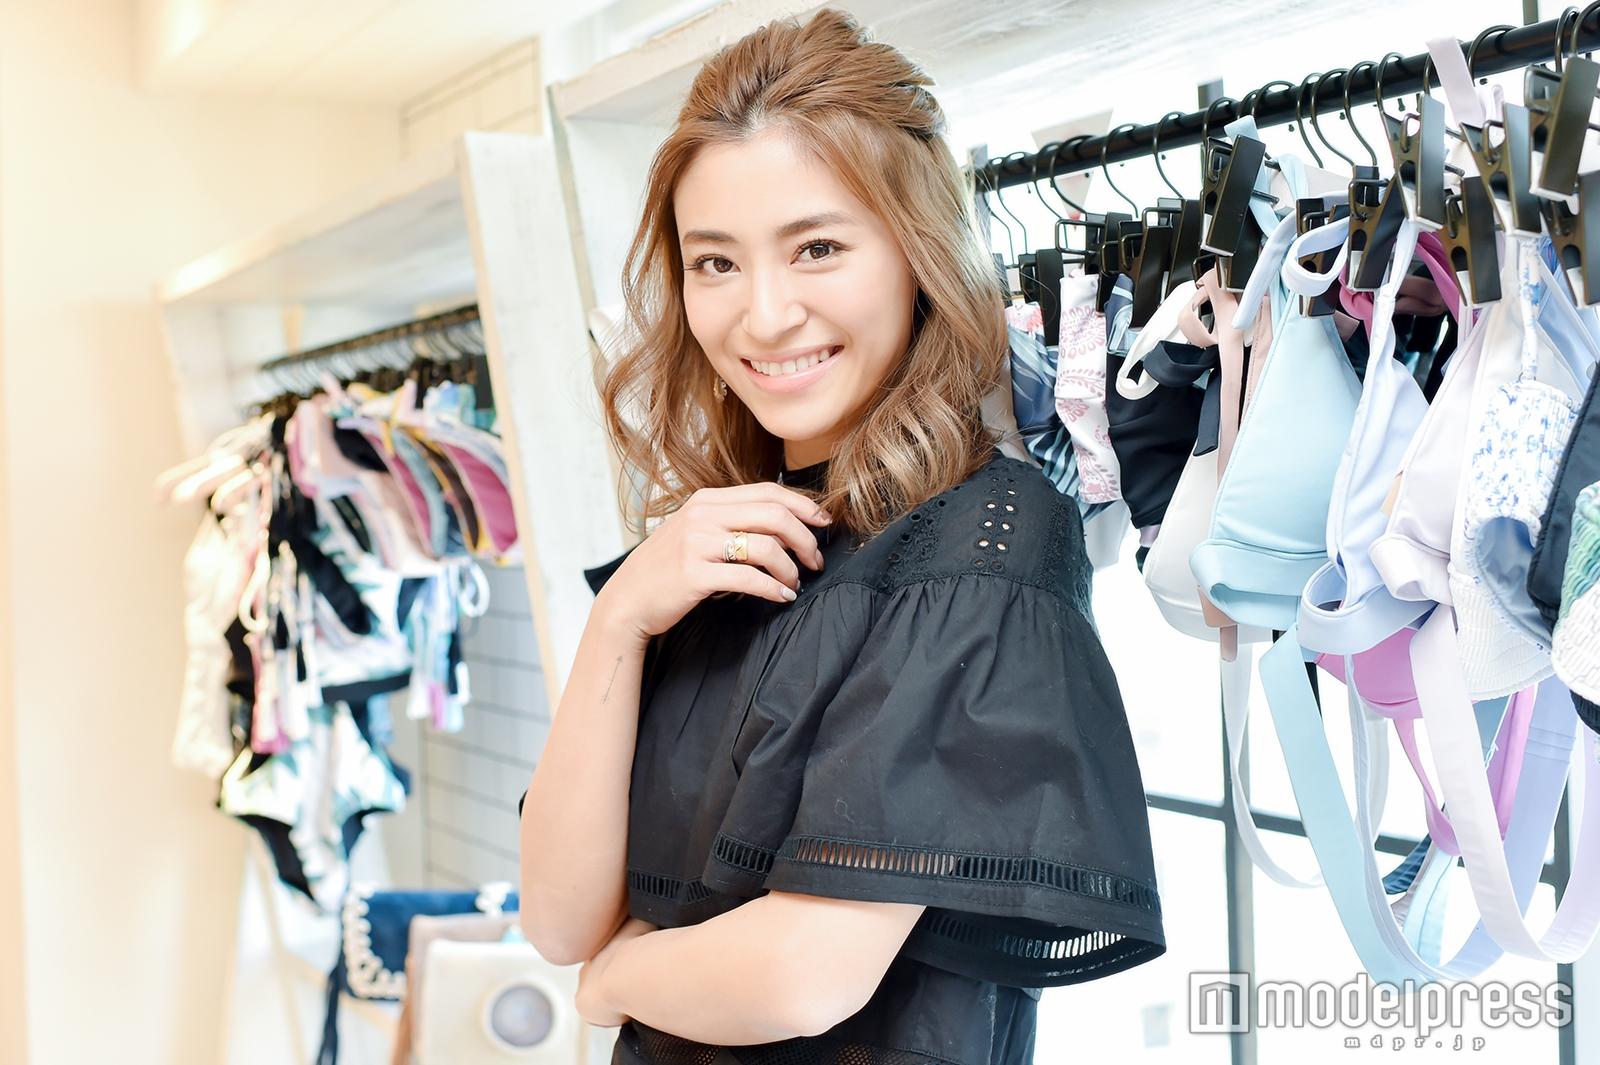 モデルプレスのインタビューに応じた山中美智子さん(C)モデルプレス